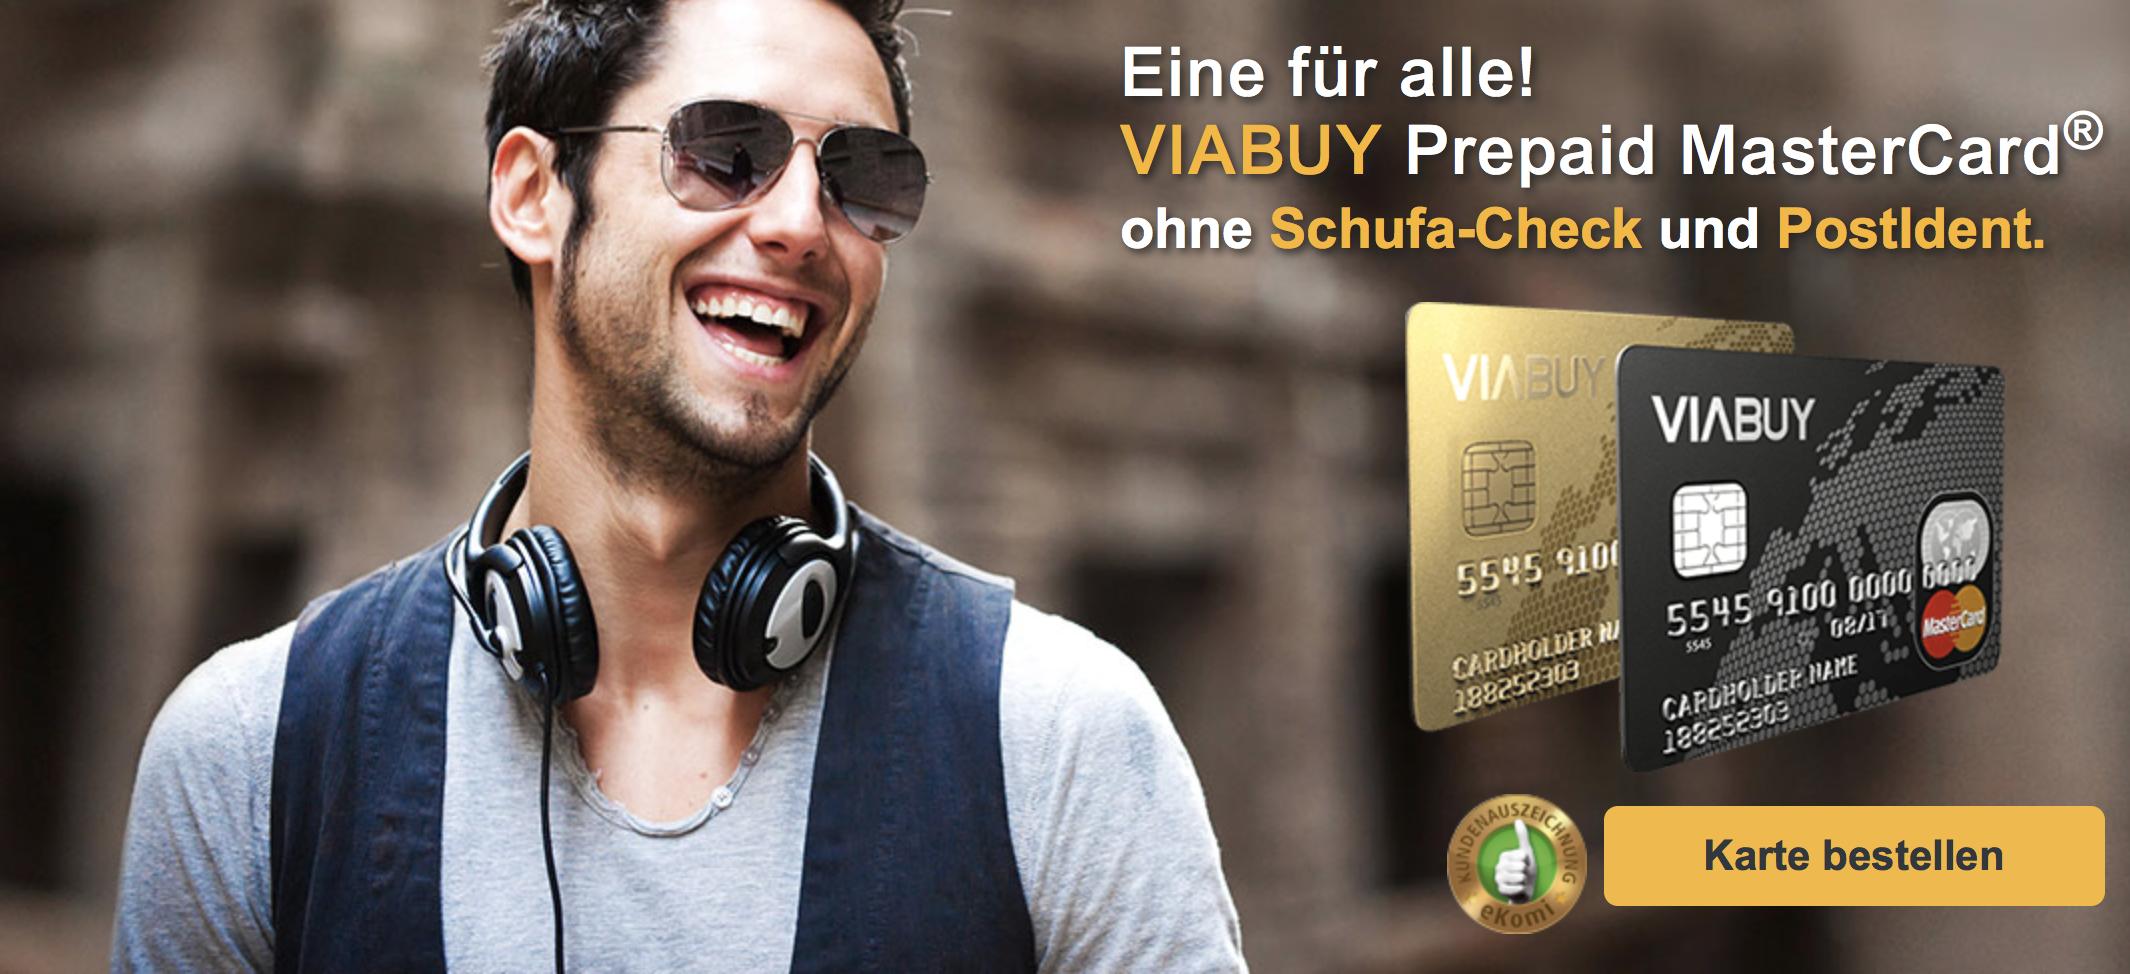 VIABUY bietet die Mastercard ohne Schufa-Check und PostIdent an